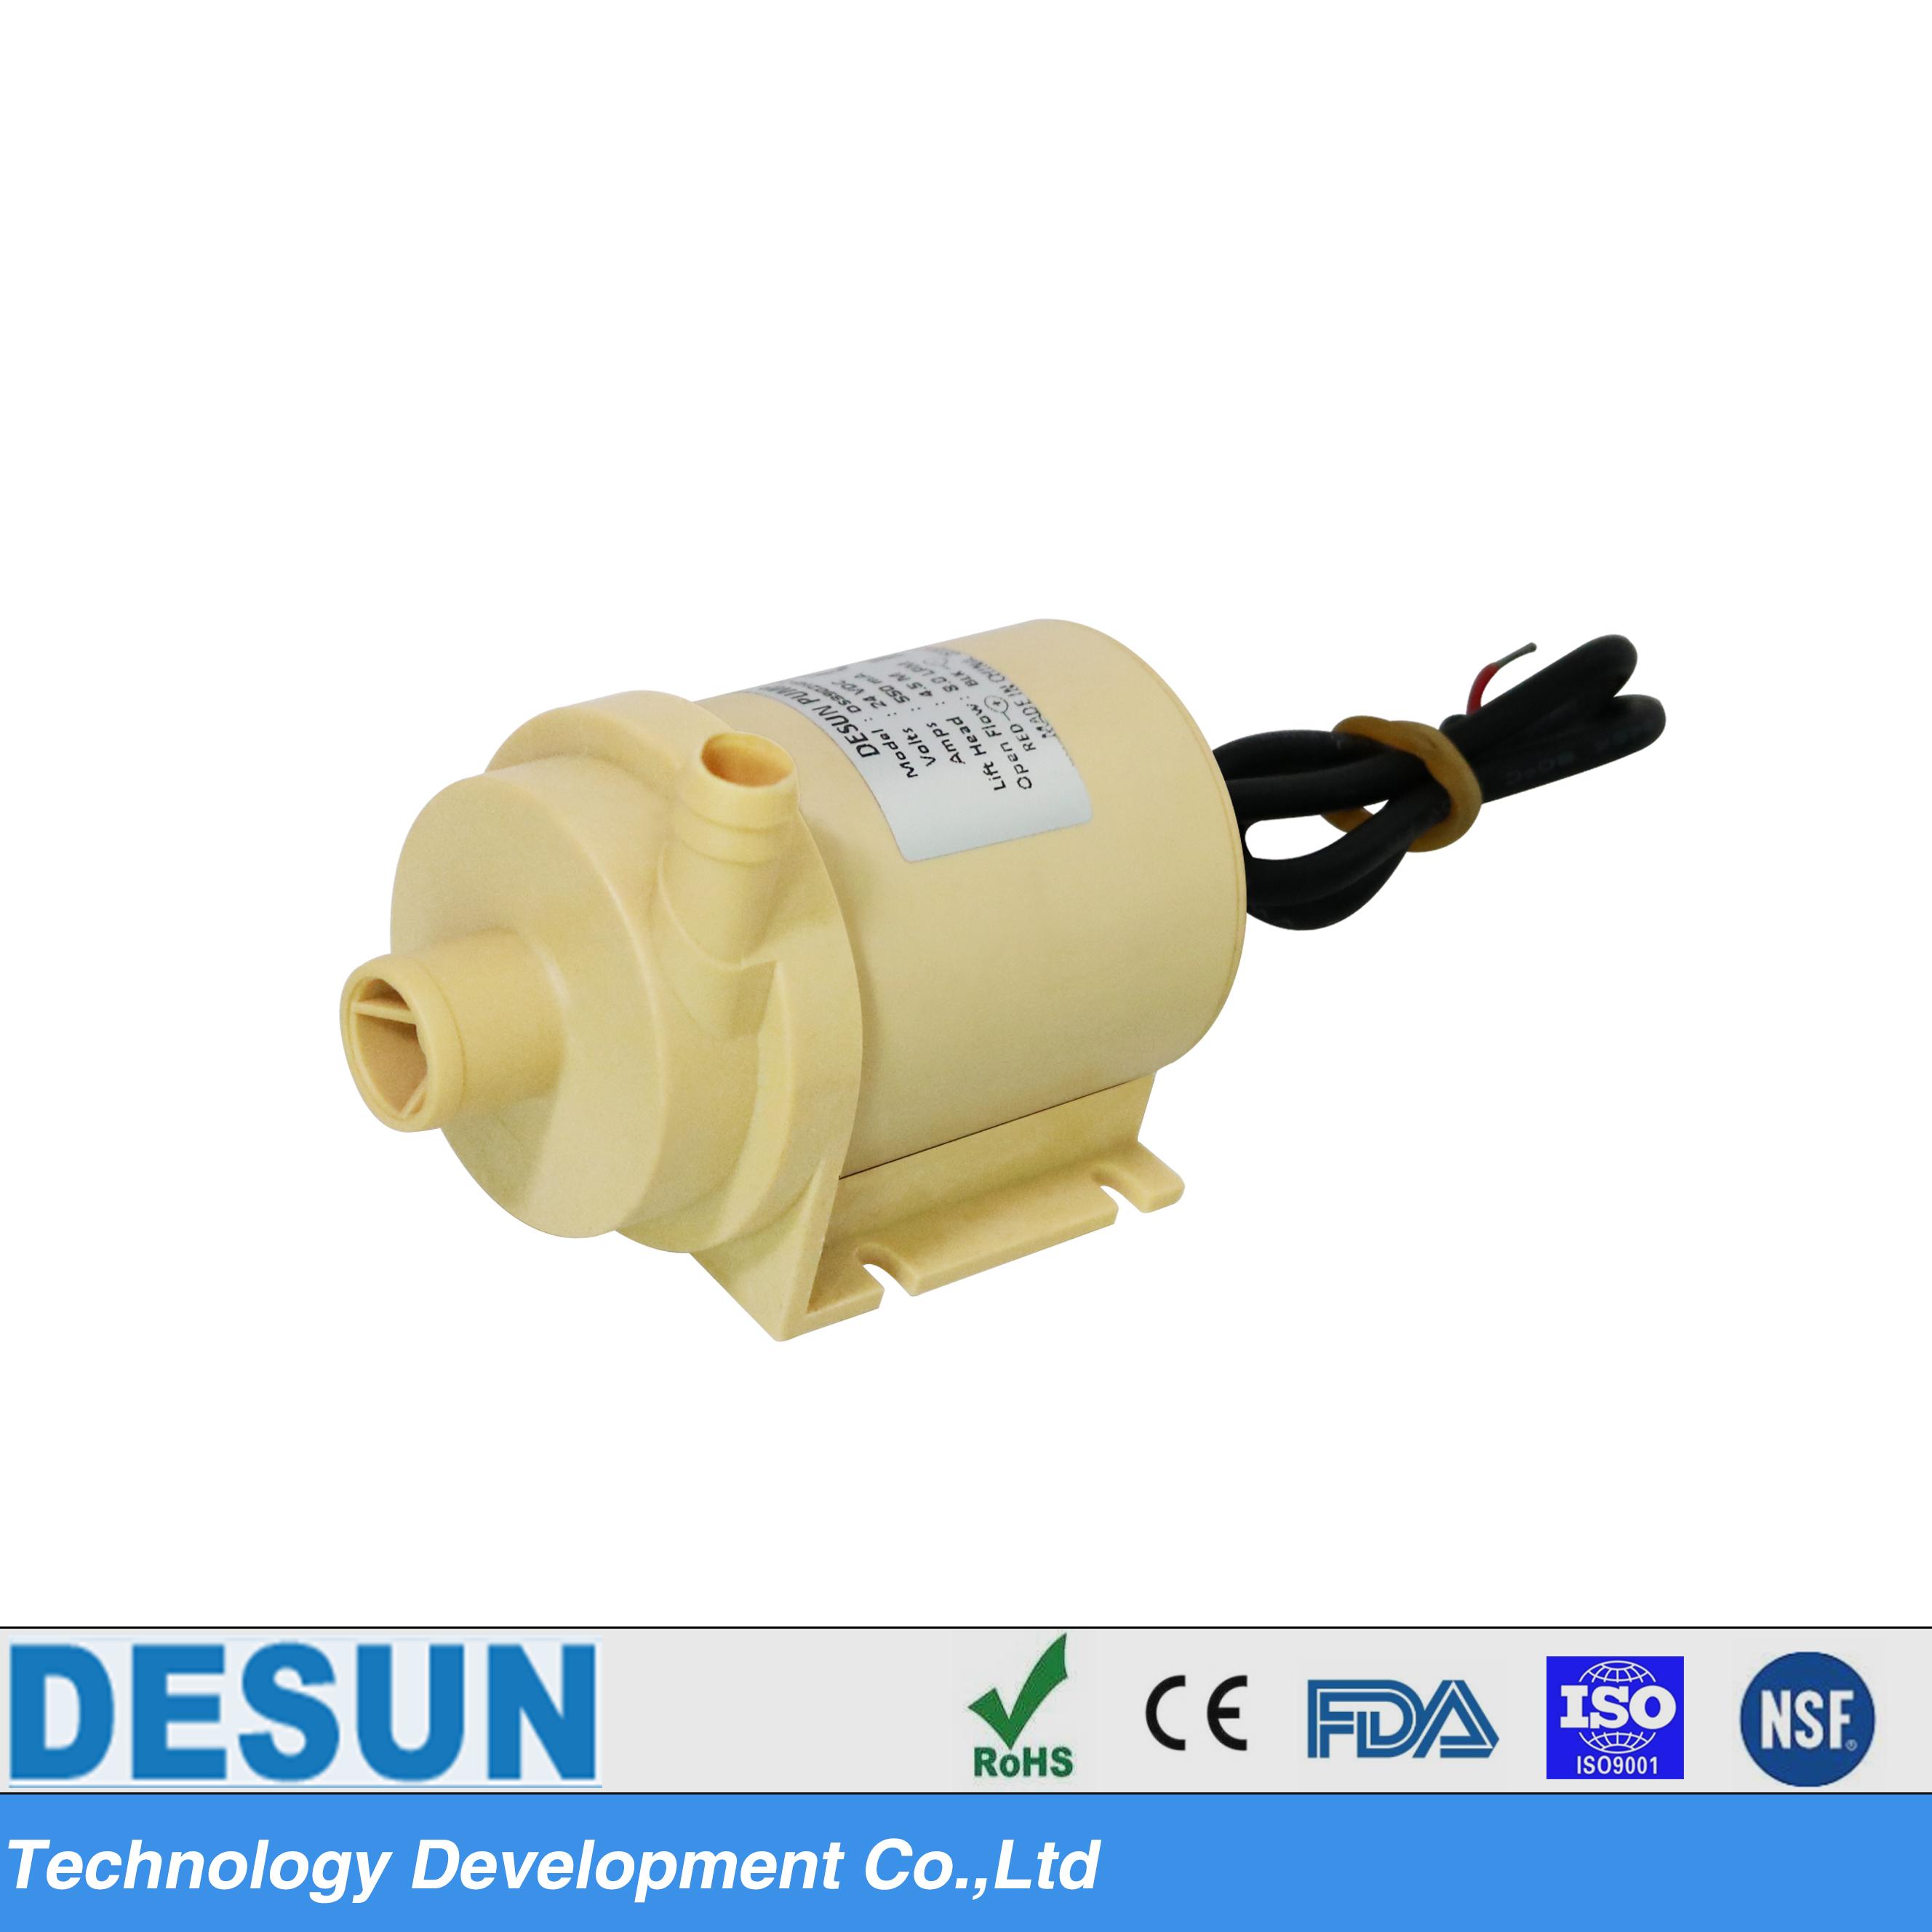 微型食品级医疗器械水泵DS3902HF